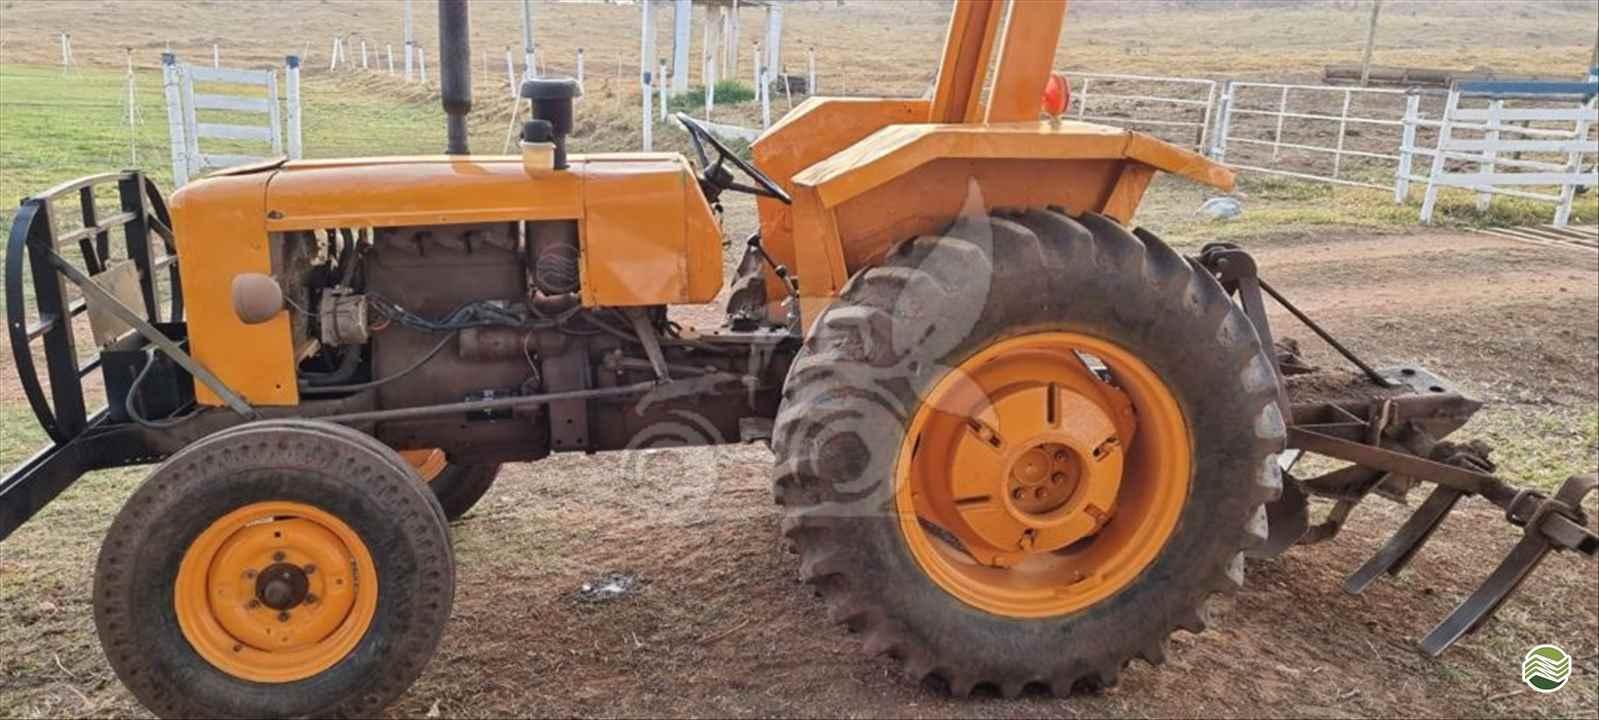 TRATOR VALMET VALMET 85 Tração 4x2 EP Máquinas e Implementos Agrícolas CRISTALINA GOIAS GO